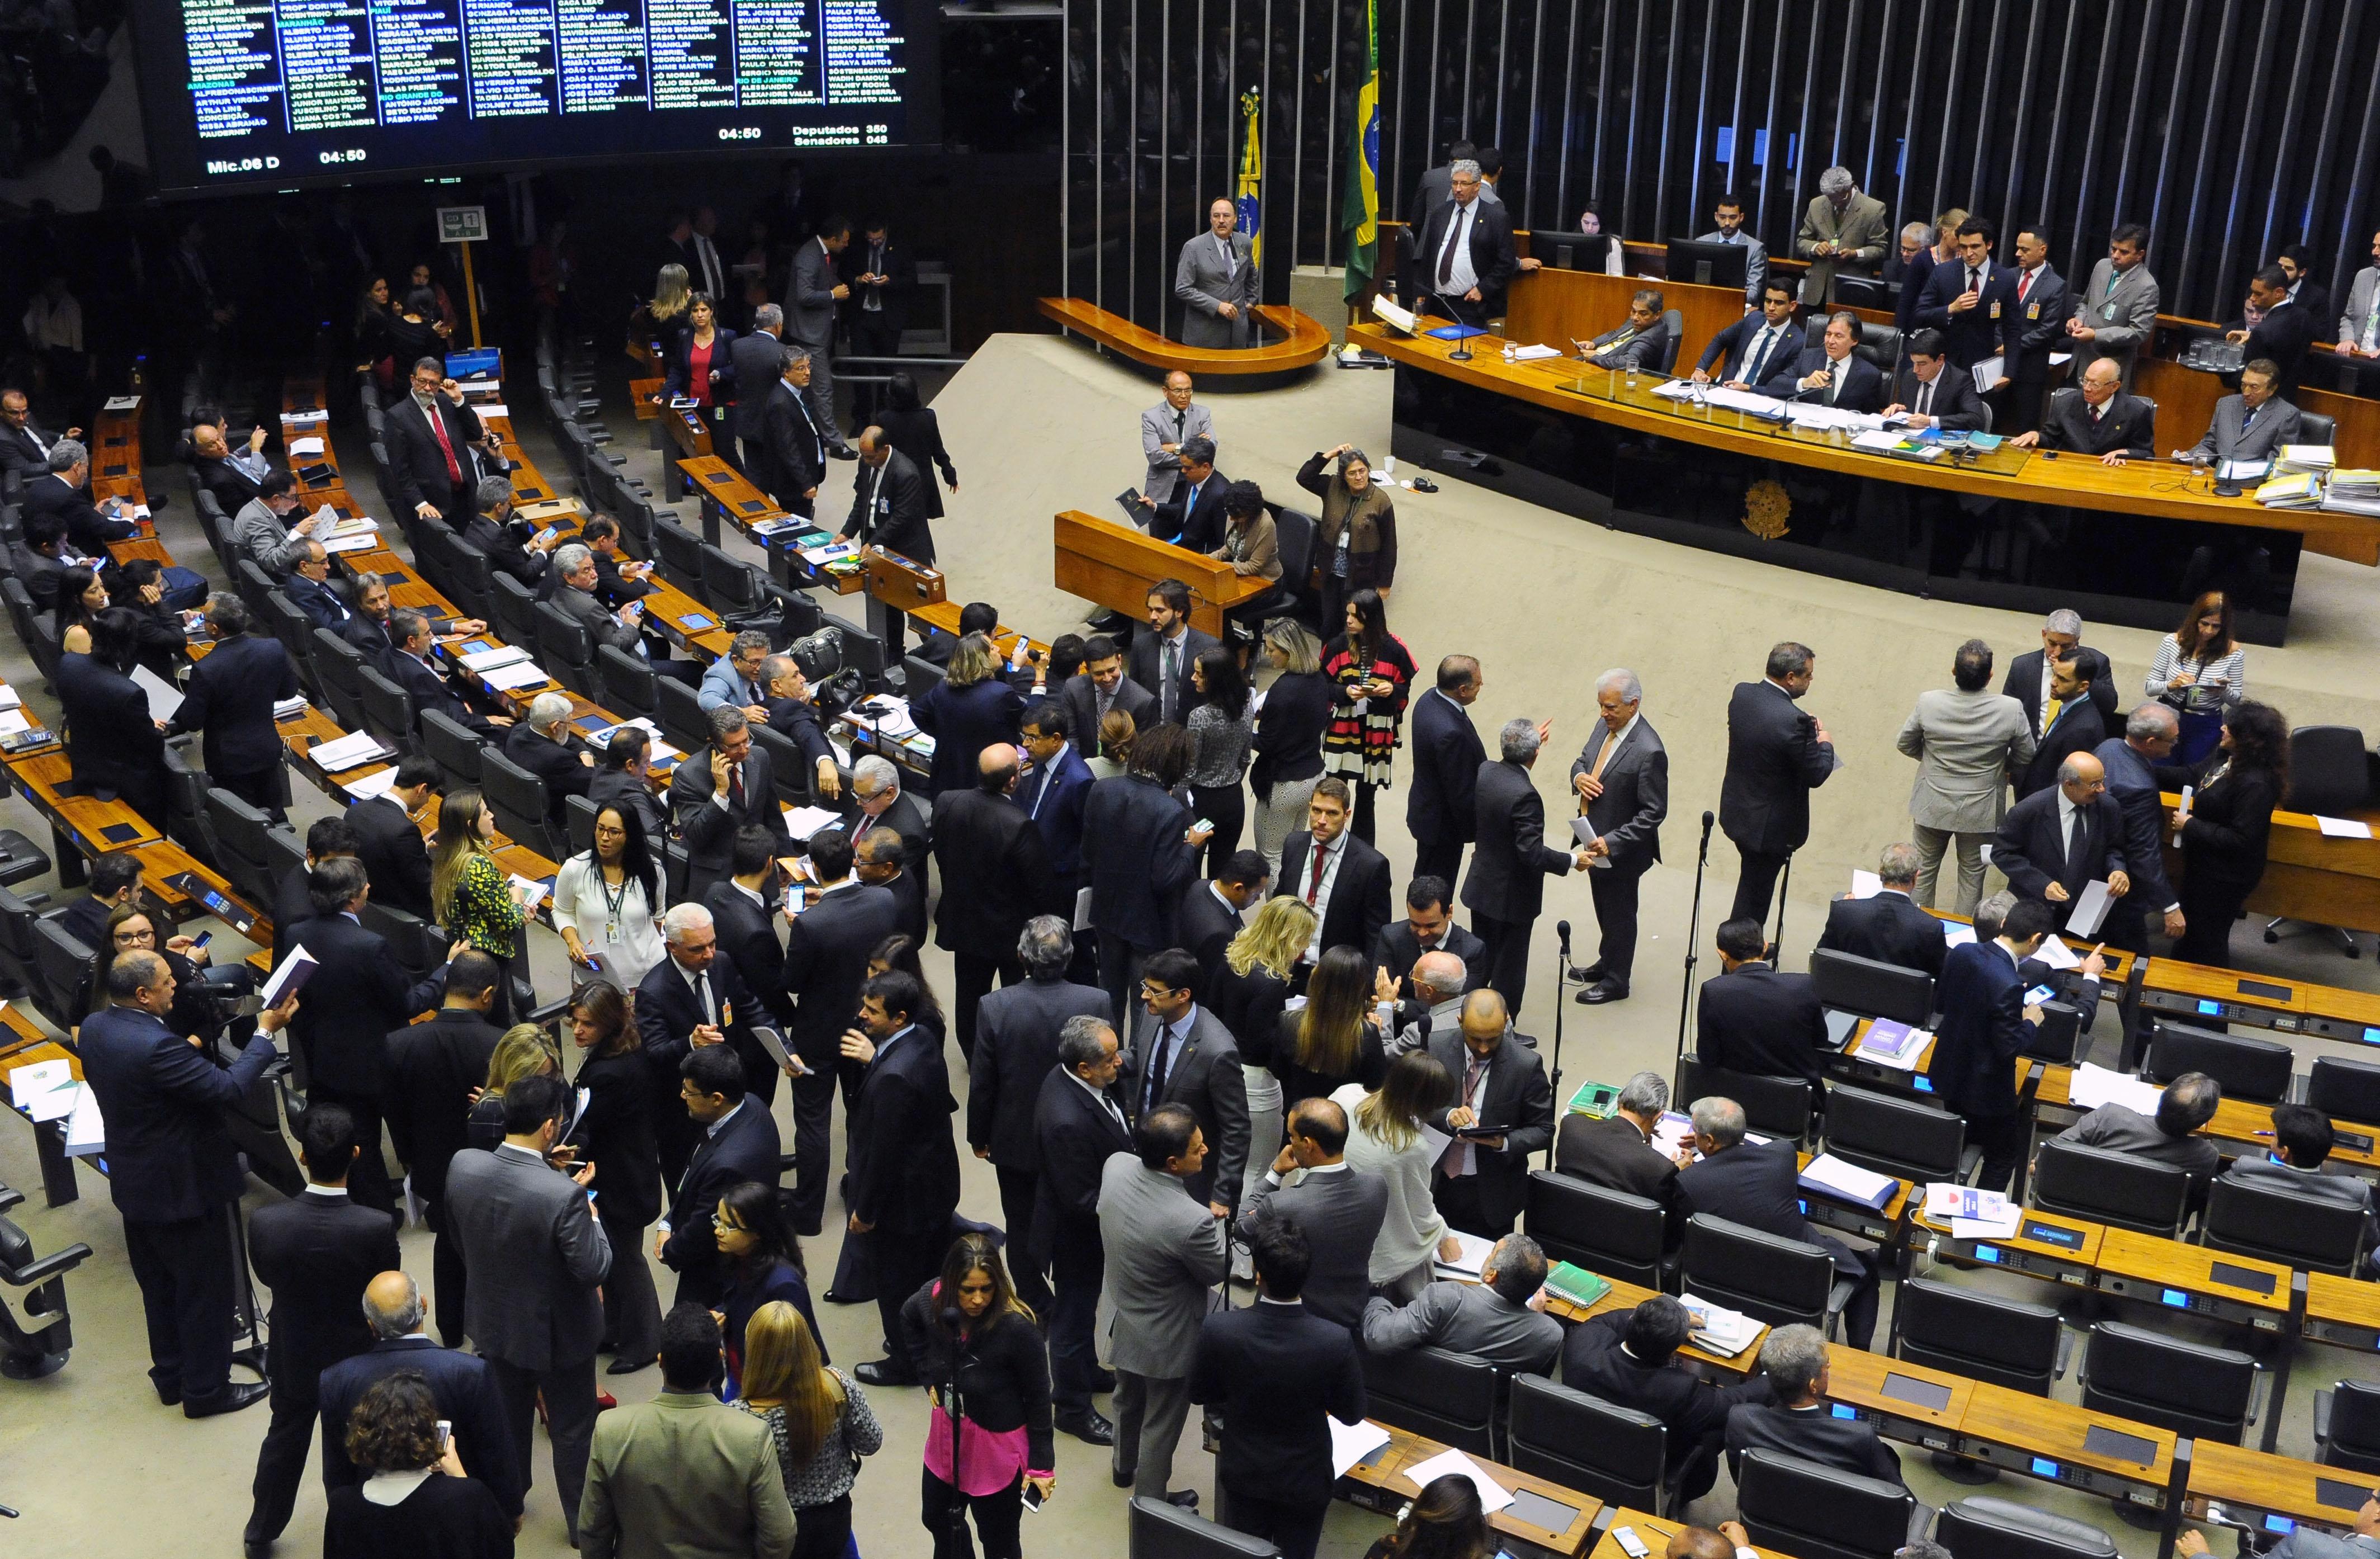 Sessão do Congresso Nacional para votação de vetos presidenciais, que dependem de votação nominal, dos projetos da Lei de Diretrizes Orçamentárias (LDO) de 2018 (PLN 1/18) e de abertura de créditos orçamentários para o serviço de emissão de passaportes pela Polícia Federal